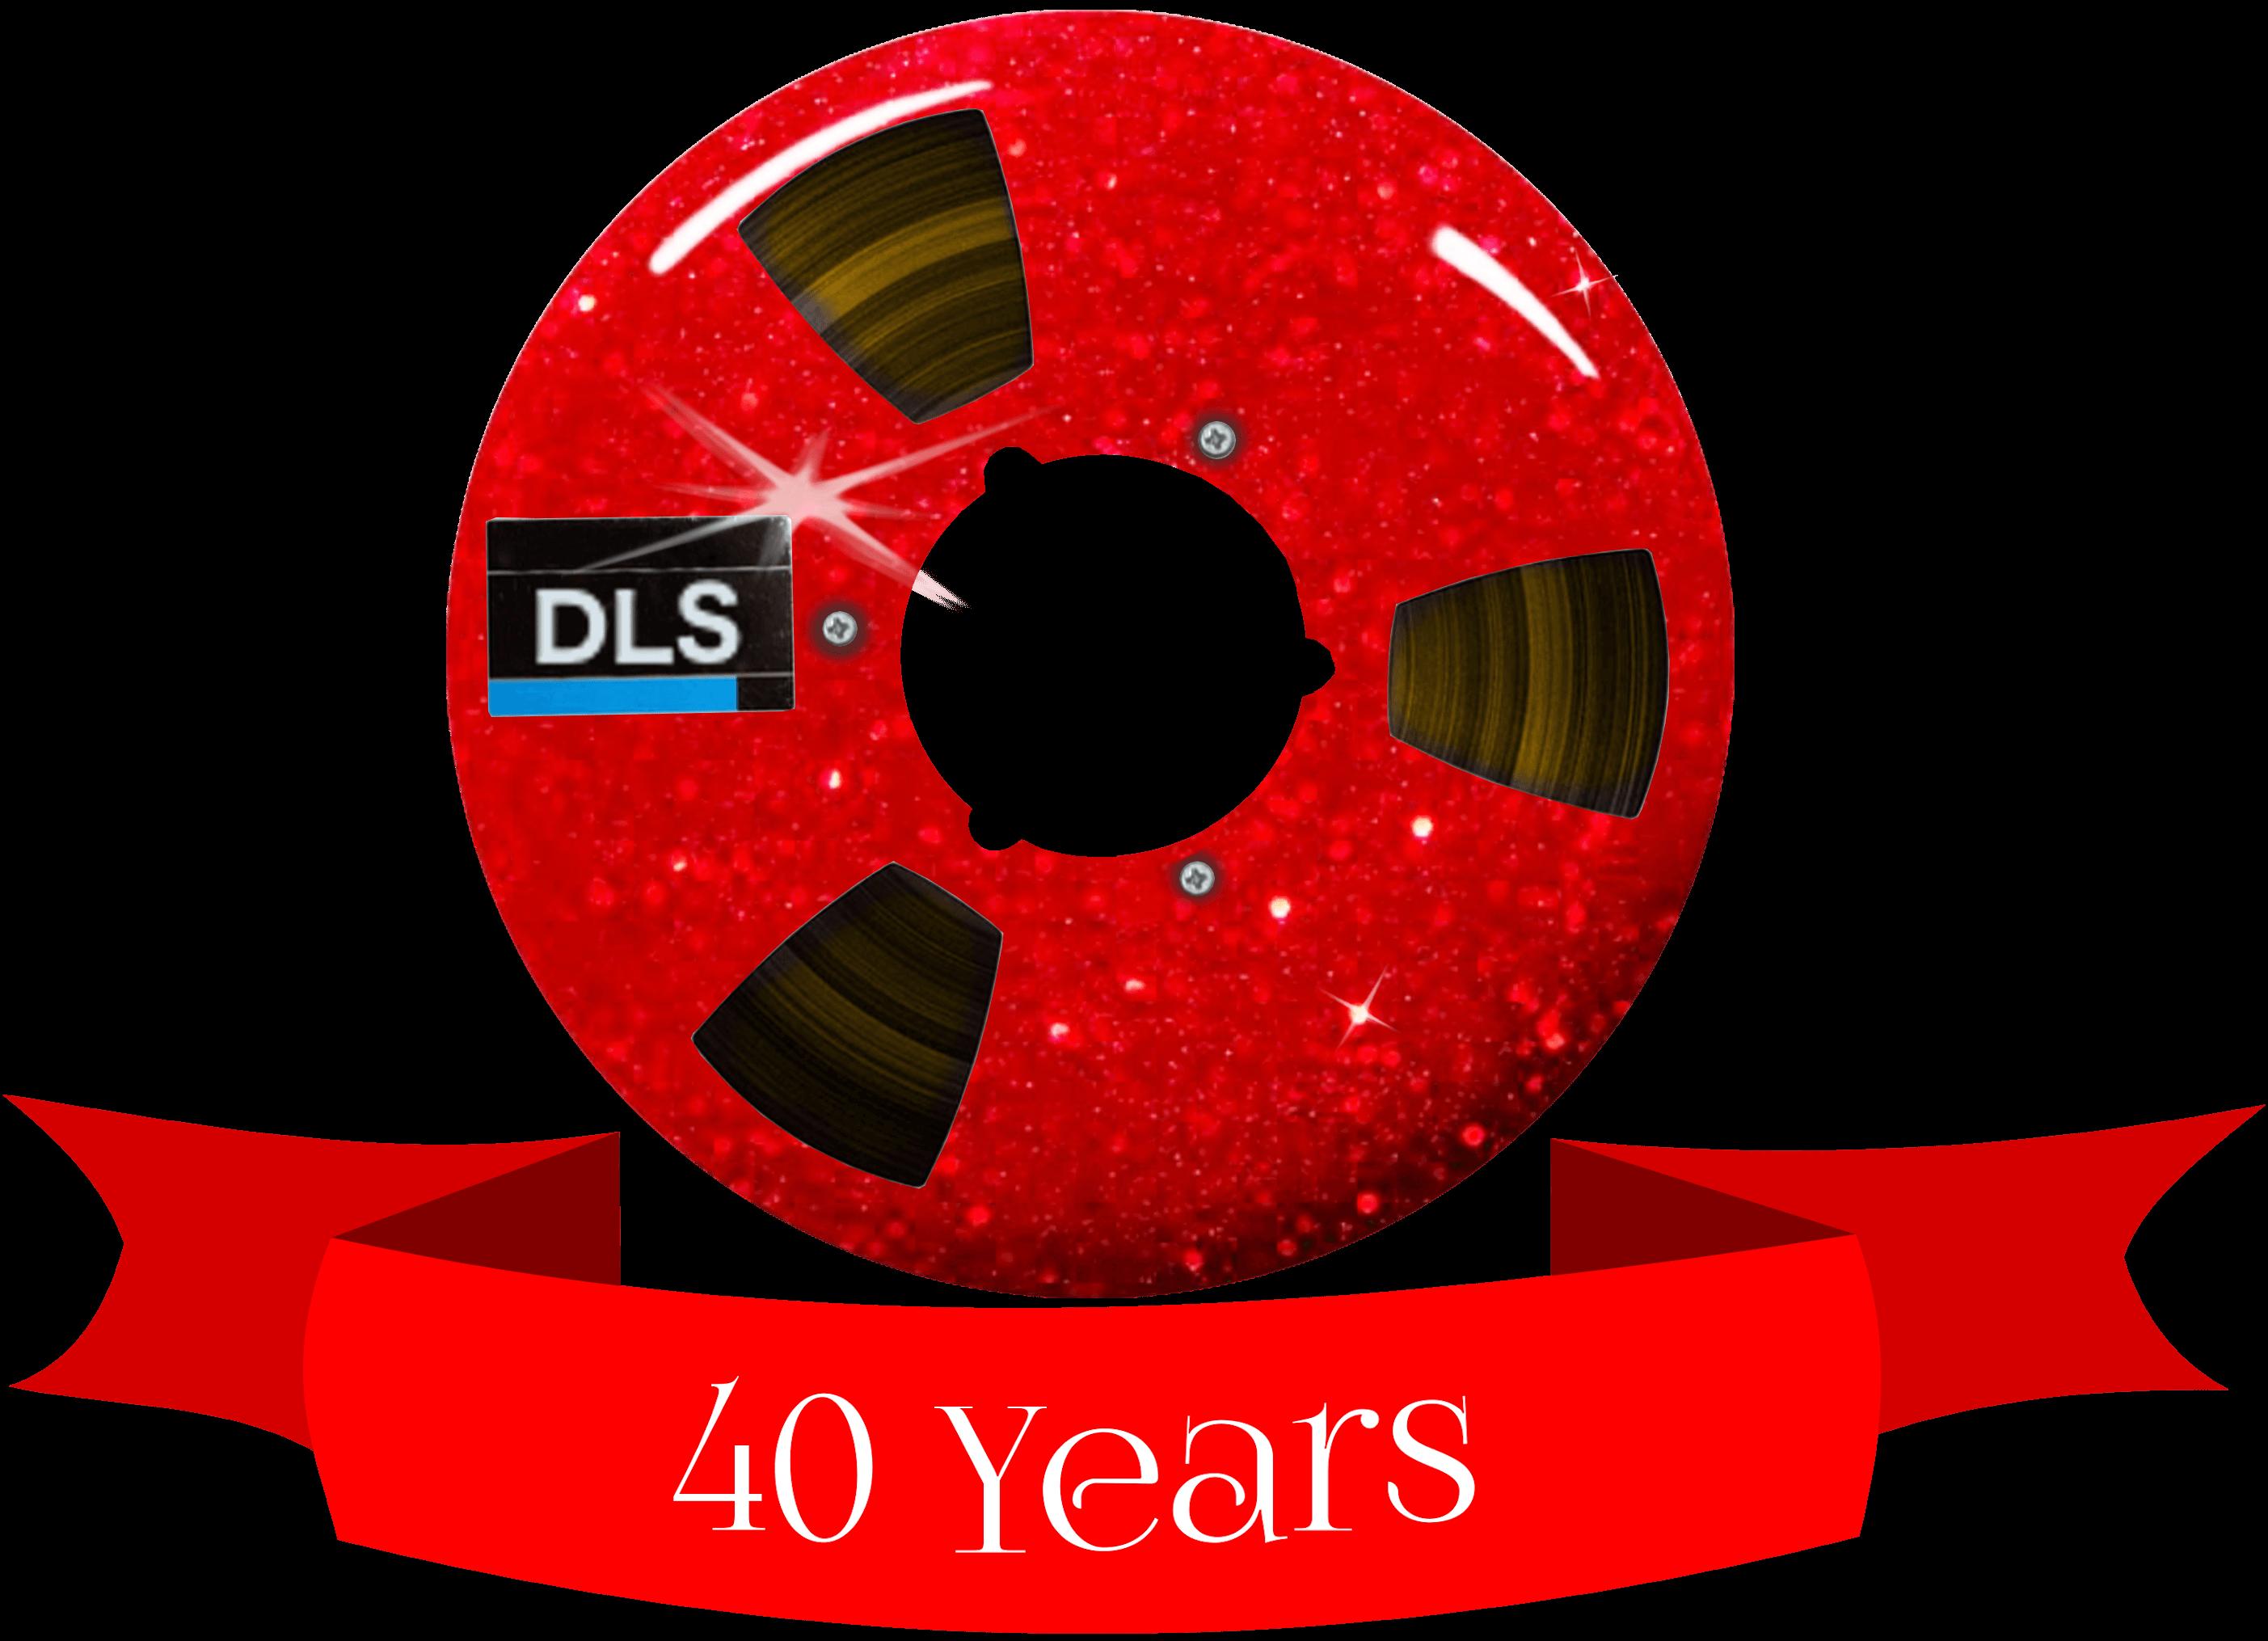 David Lange Studios 40 Year Logo